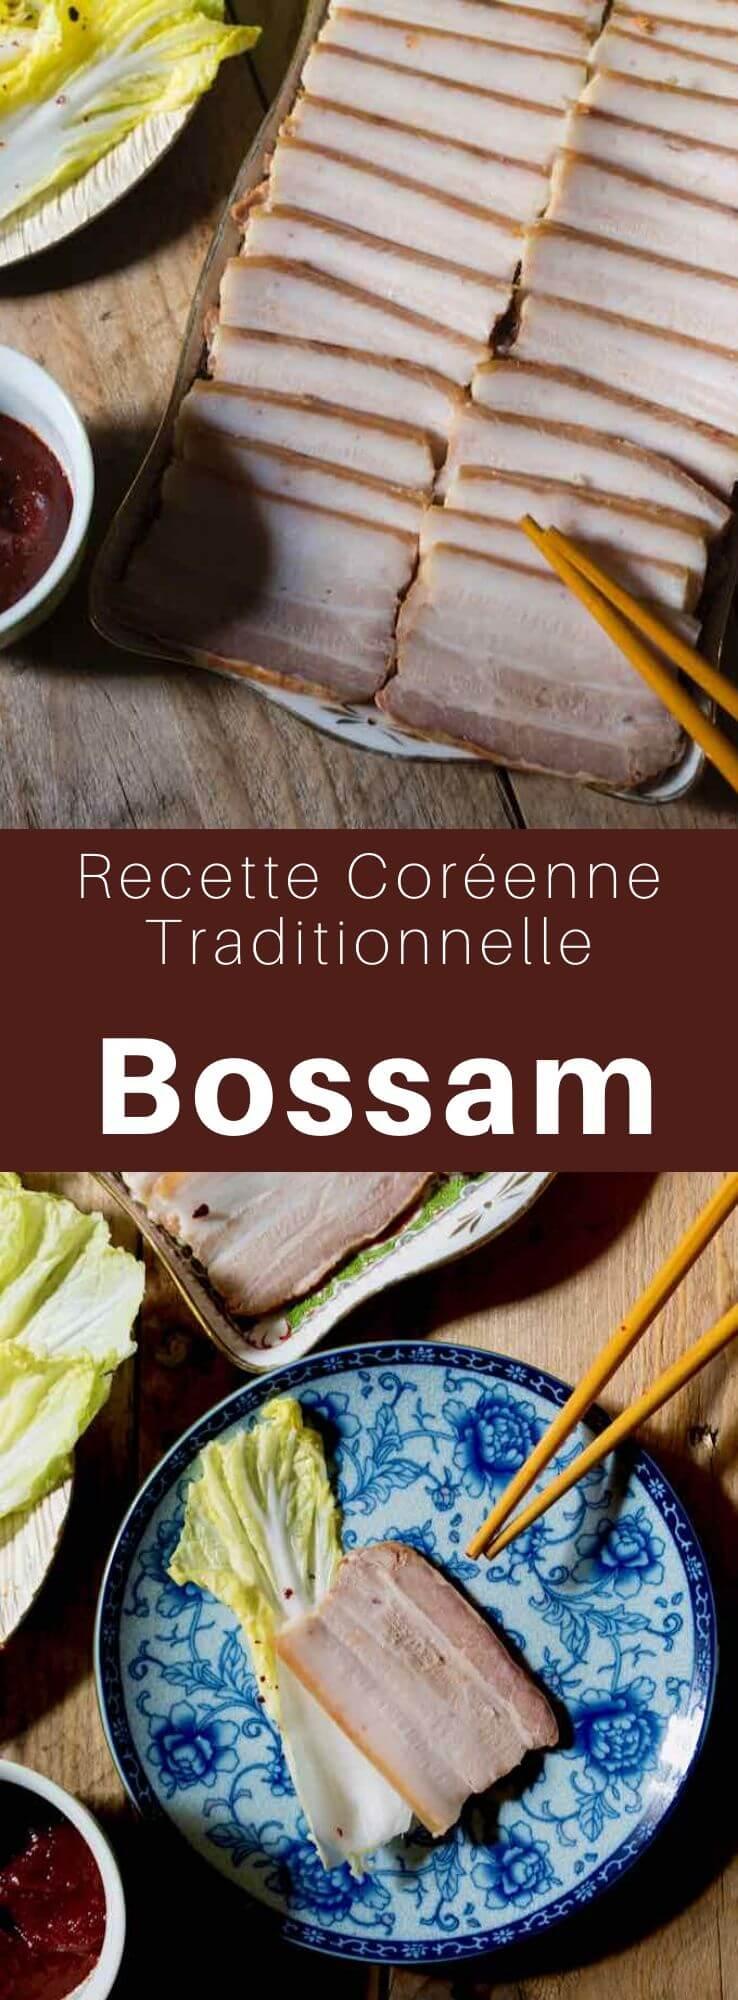 Le bossam est un plat coréen composé de poitrine de porc bouillie dans des épices et tranchée finement puis enveloppée dans des feuilles de chou napa salé. #recettecoreenne #cuisinecoreenne #Coree #CoreeDuSud #CoreeDuNord #CuisineDuMonde